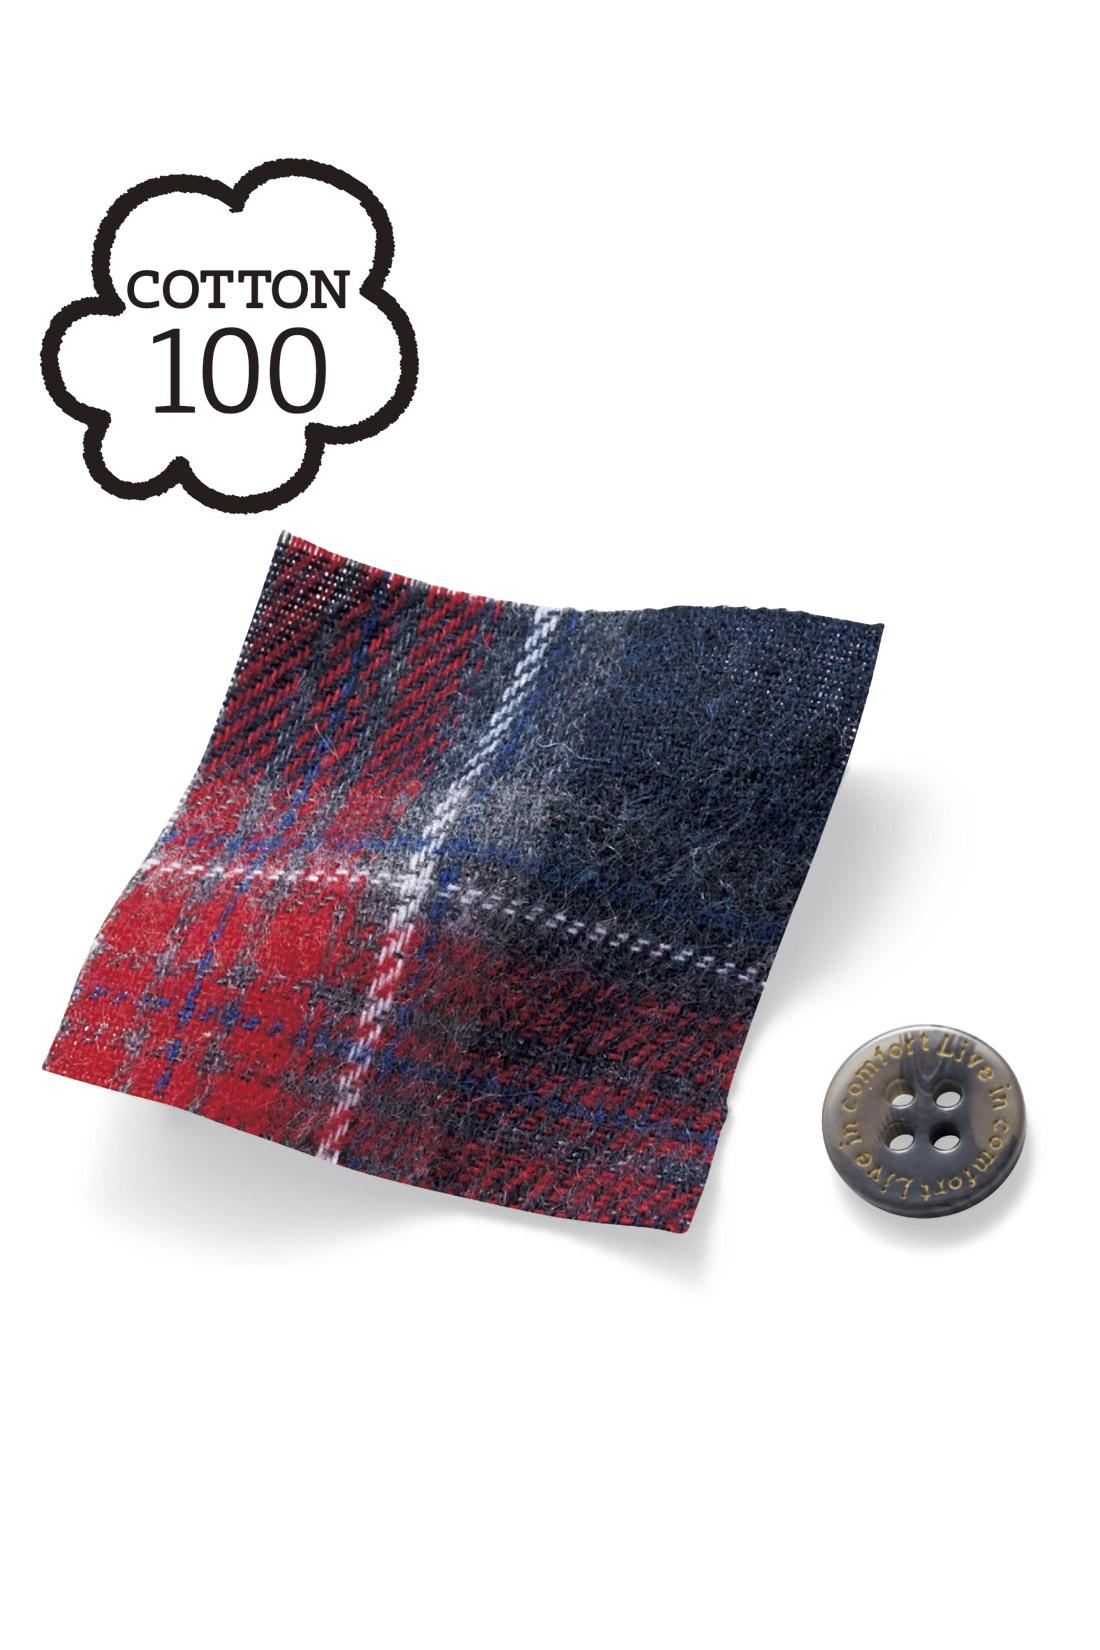 表側を起毛させた、綿100%の先染めチェックのネル素材。ほどよい厚みで着ぶくれしません。※お届けするカラーとは異なります。